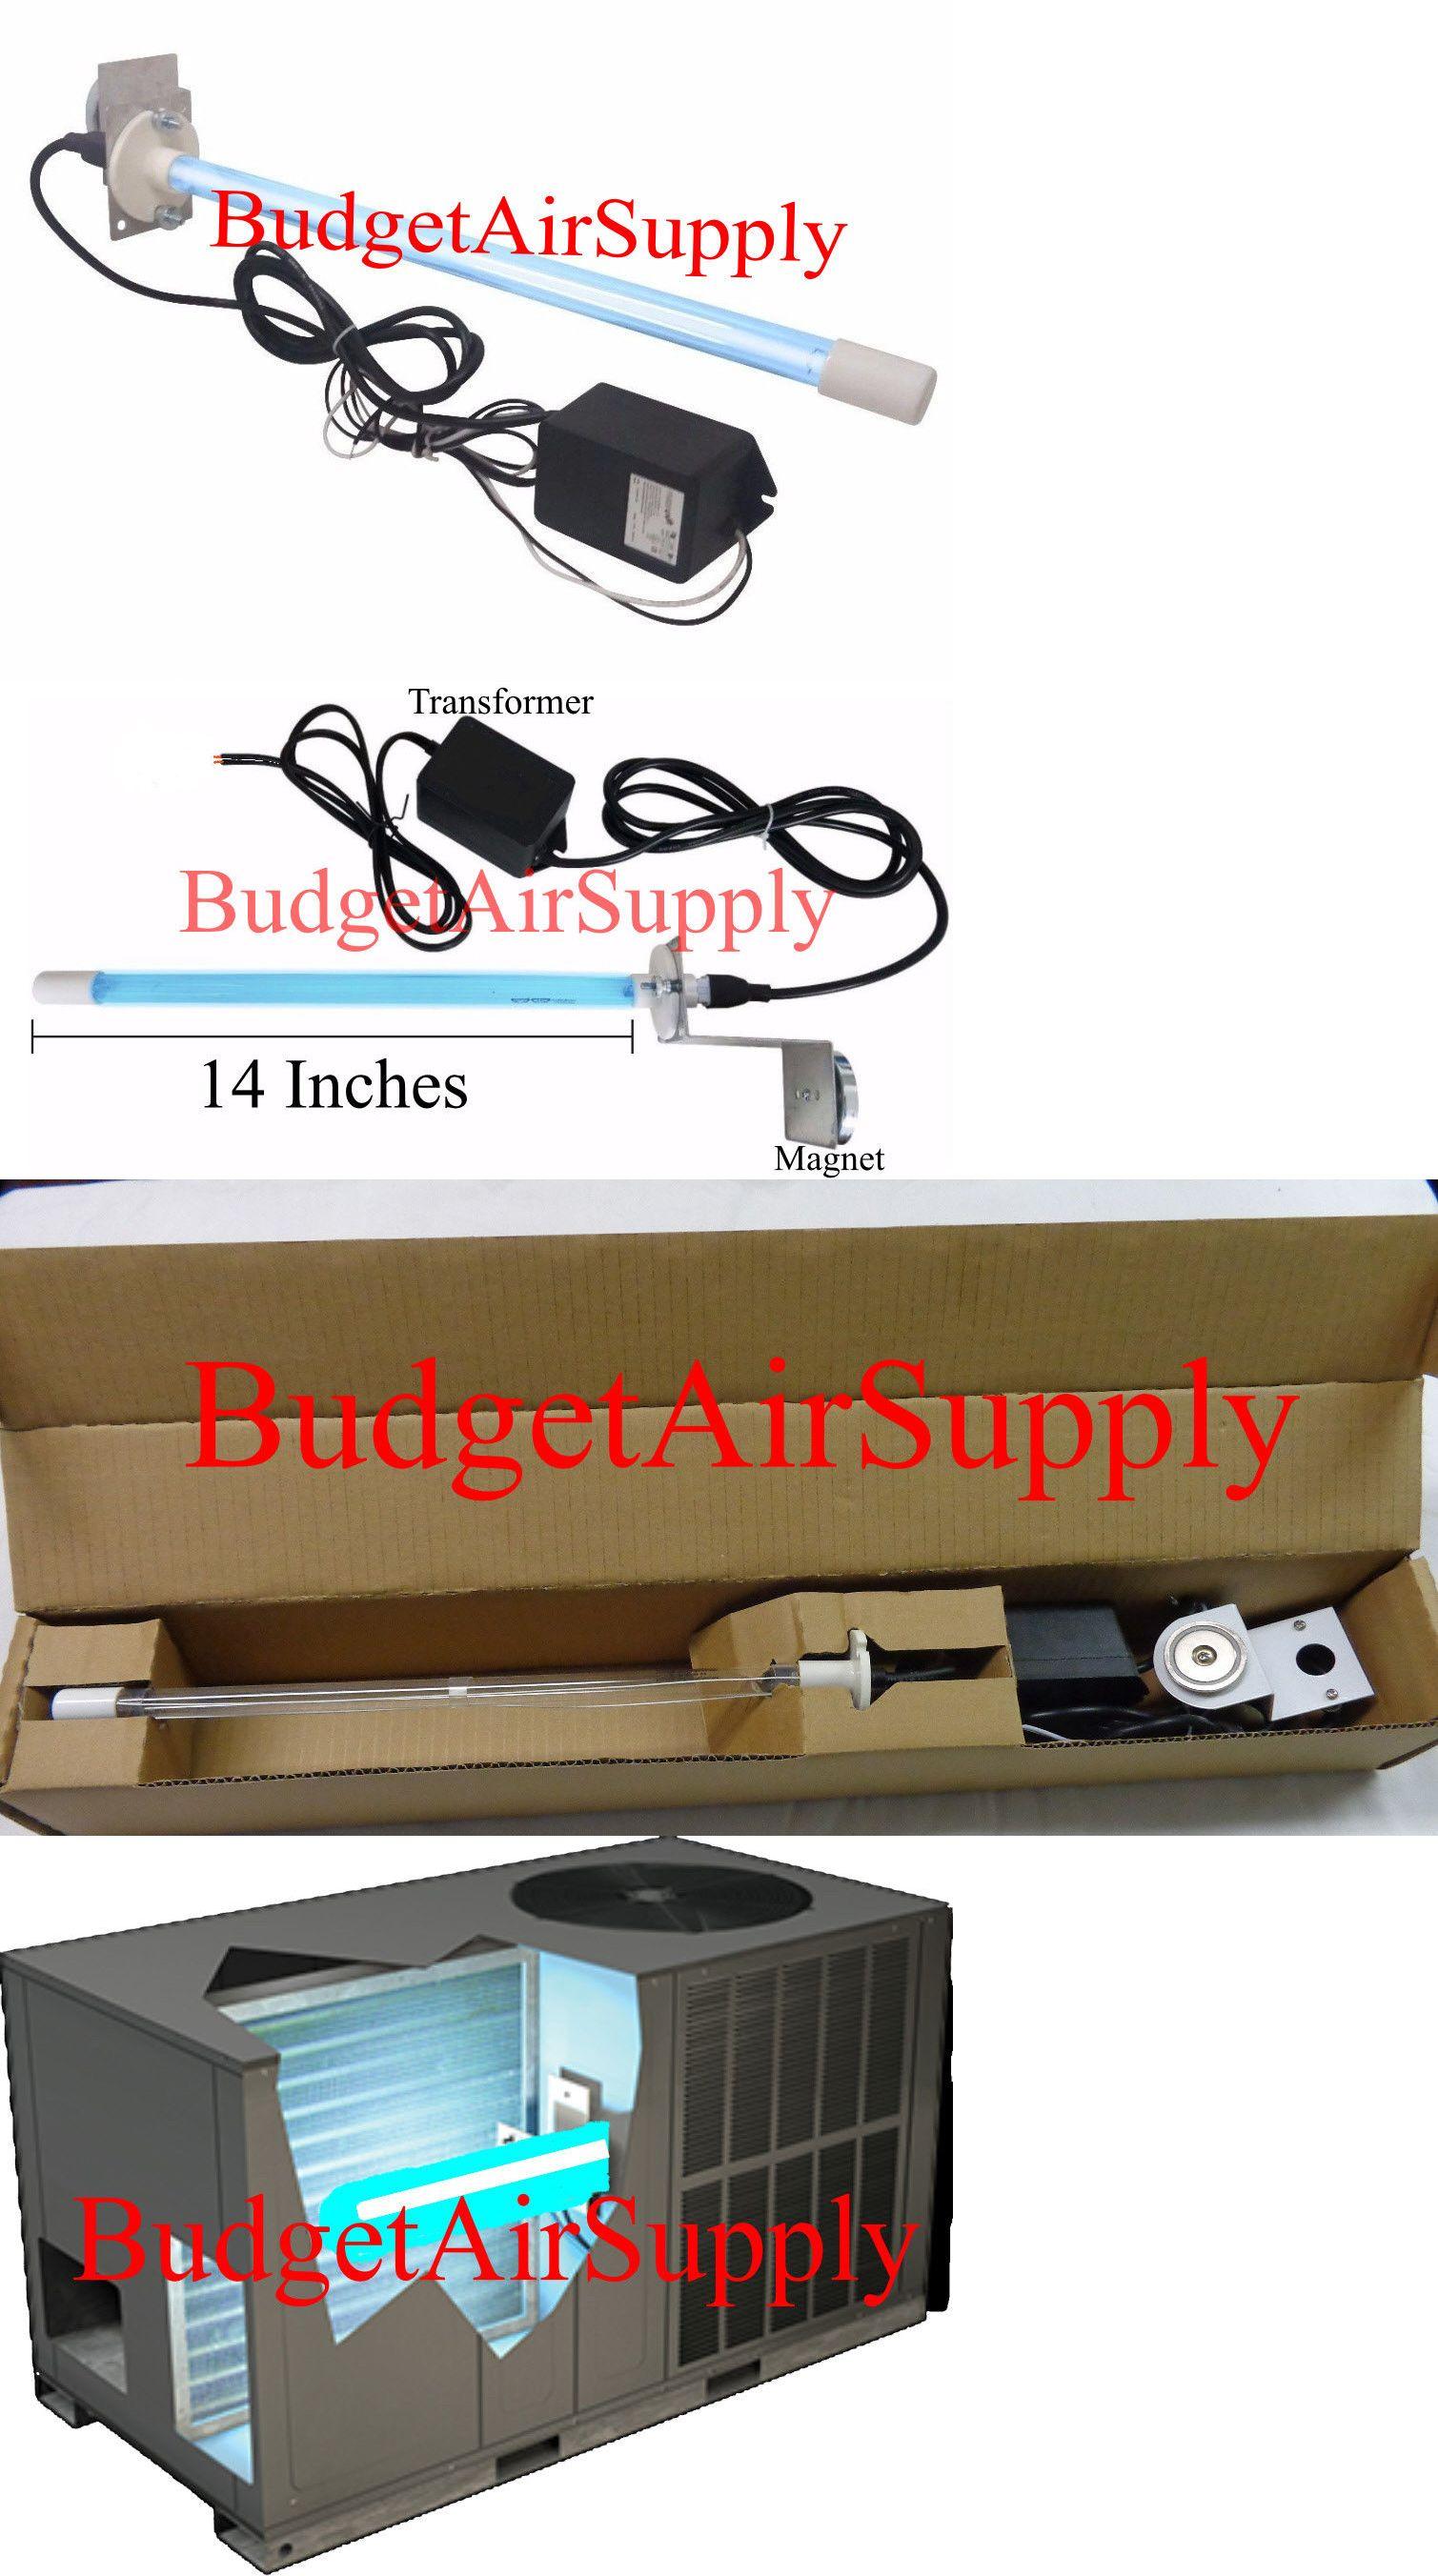 Details about UV LIGHT Kit Air Purifier HVAC 24 Volt EZ